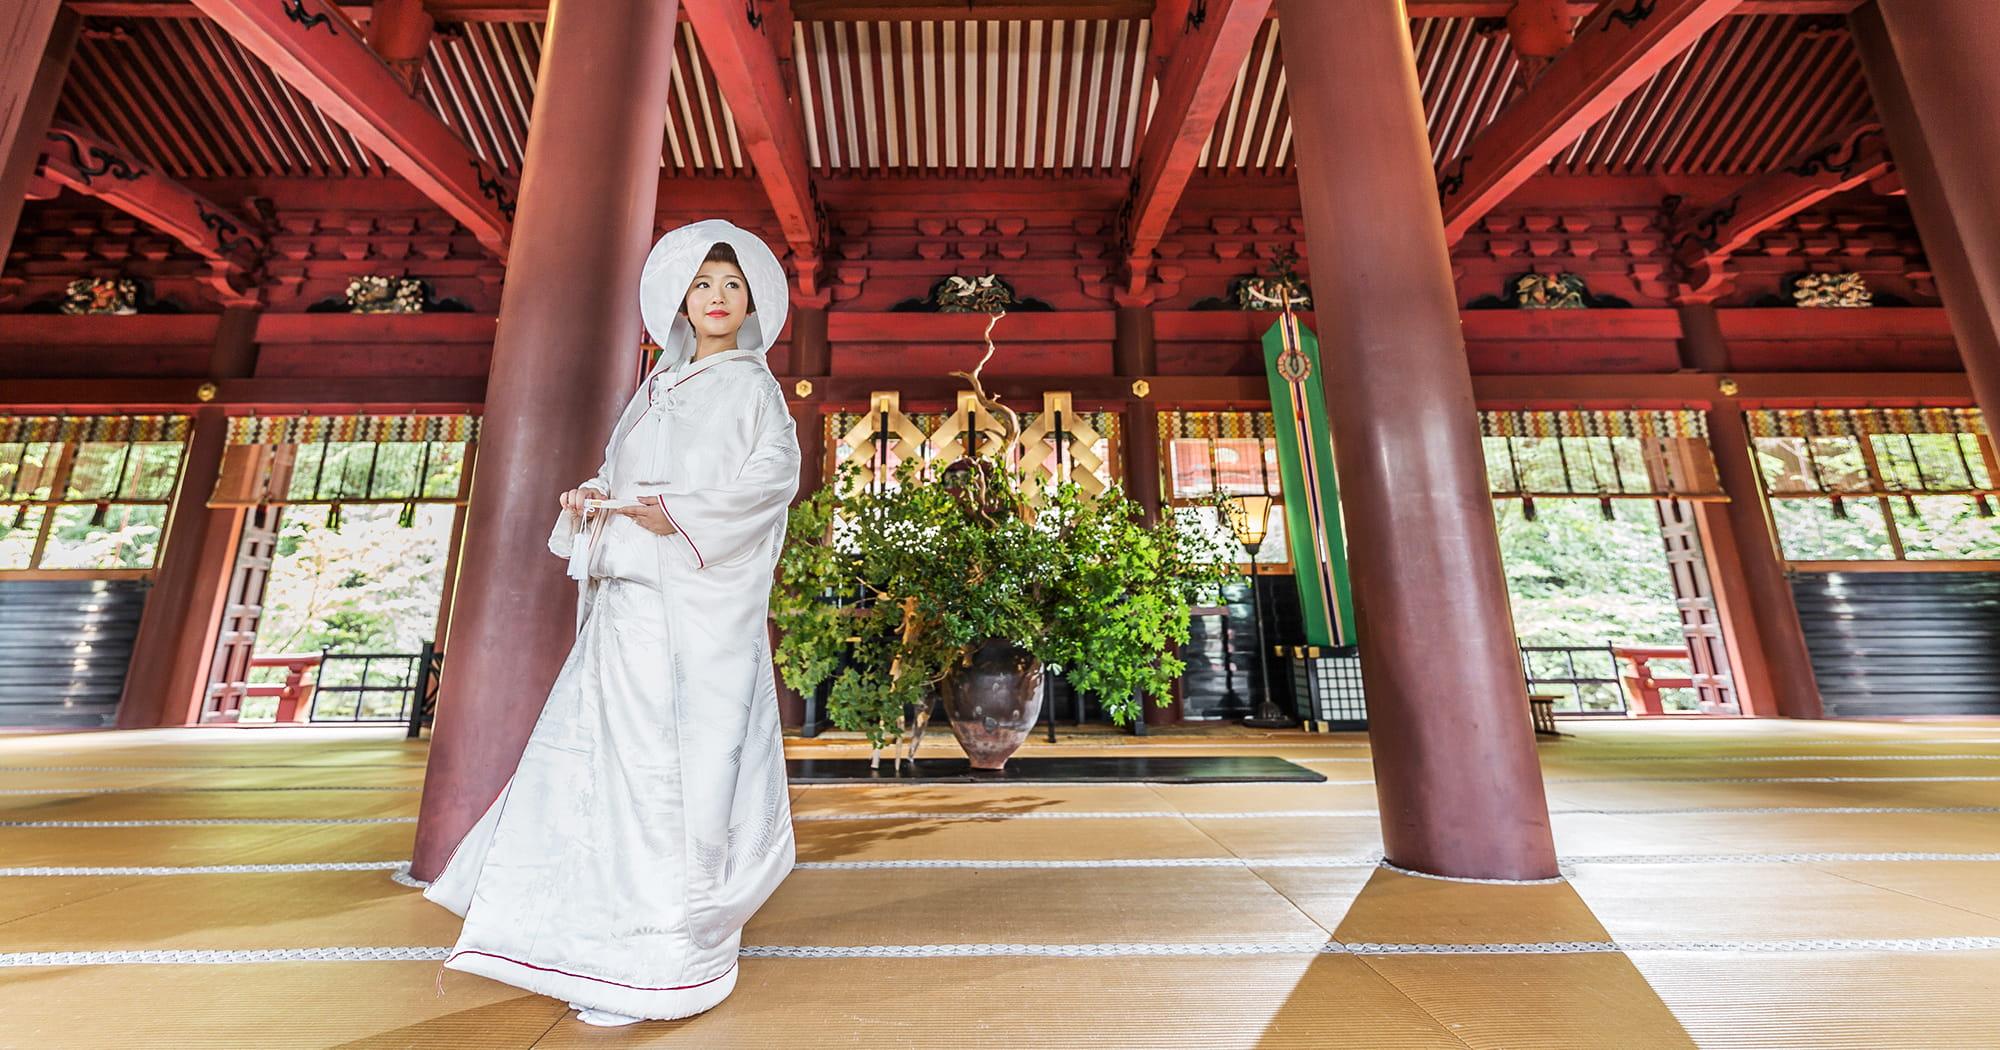 静岡和婚 静岡浅間神社挙式